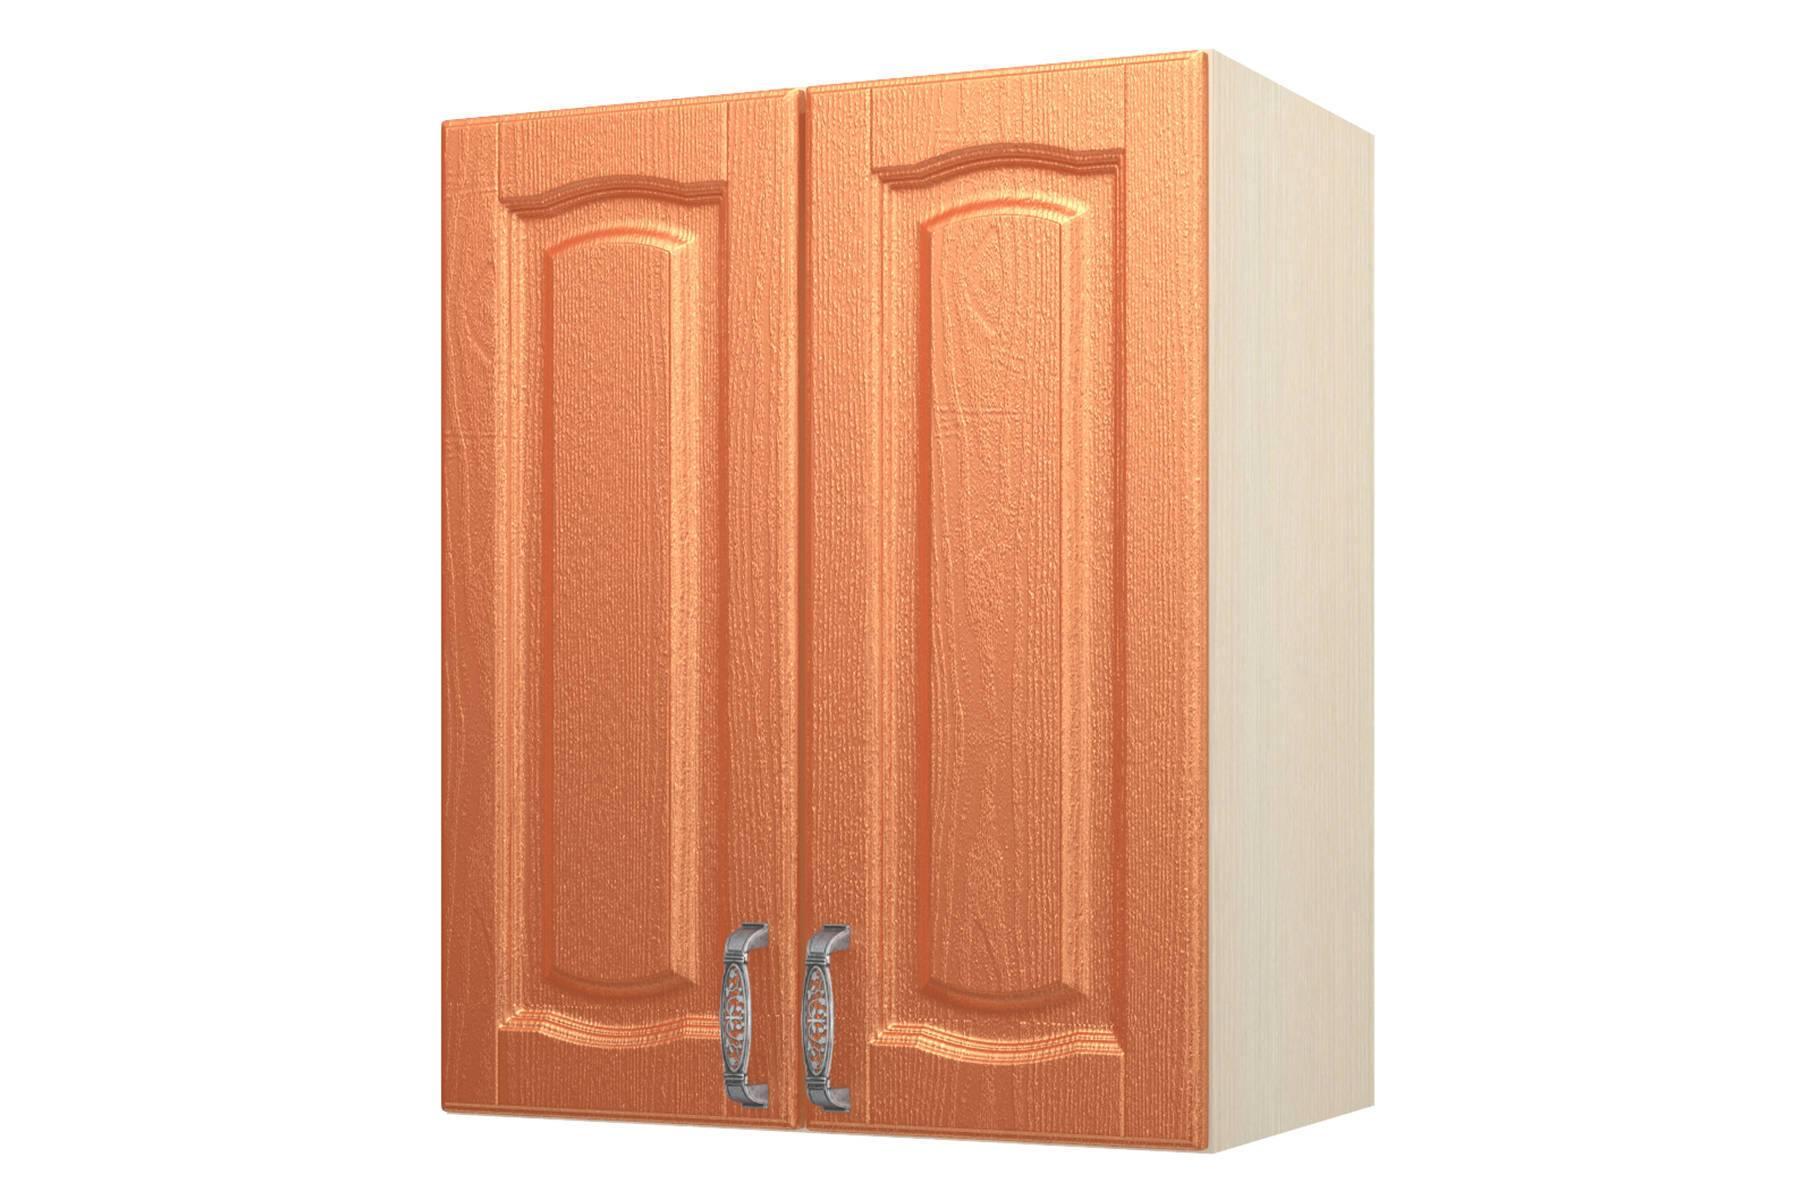 Равенна ART Шкаф-сушка 60, 2 двери шкаф зодиак 2 распашные двери